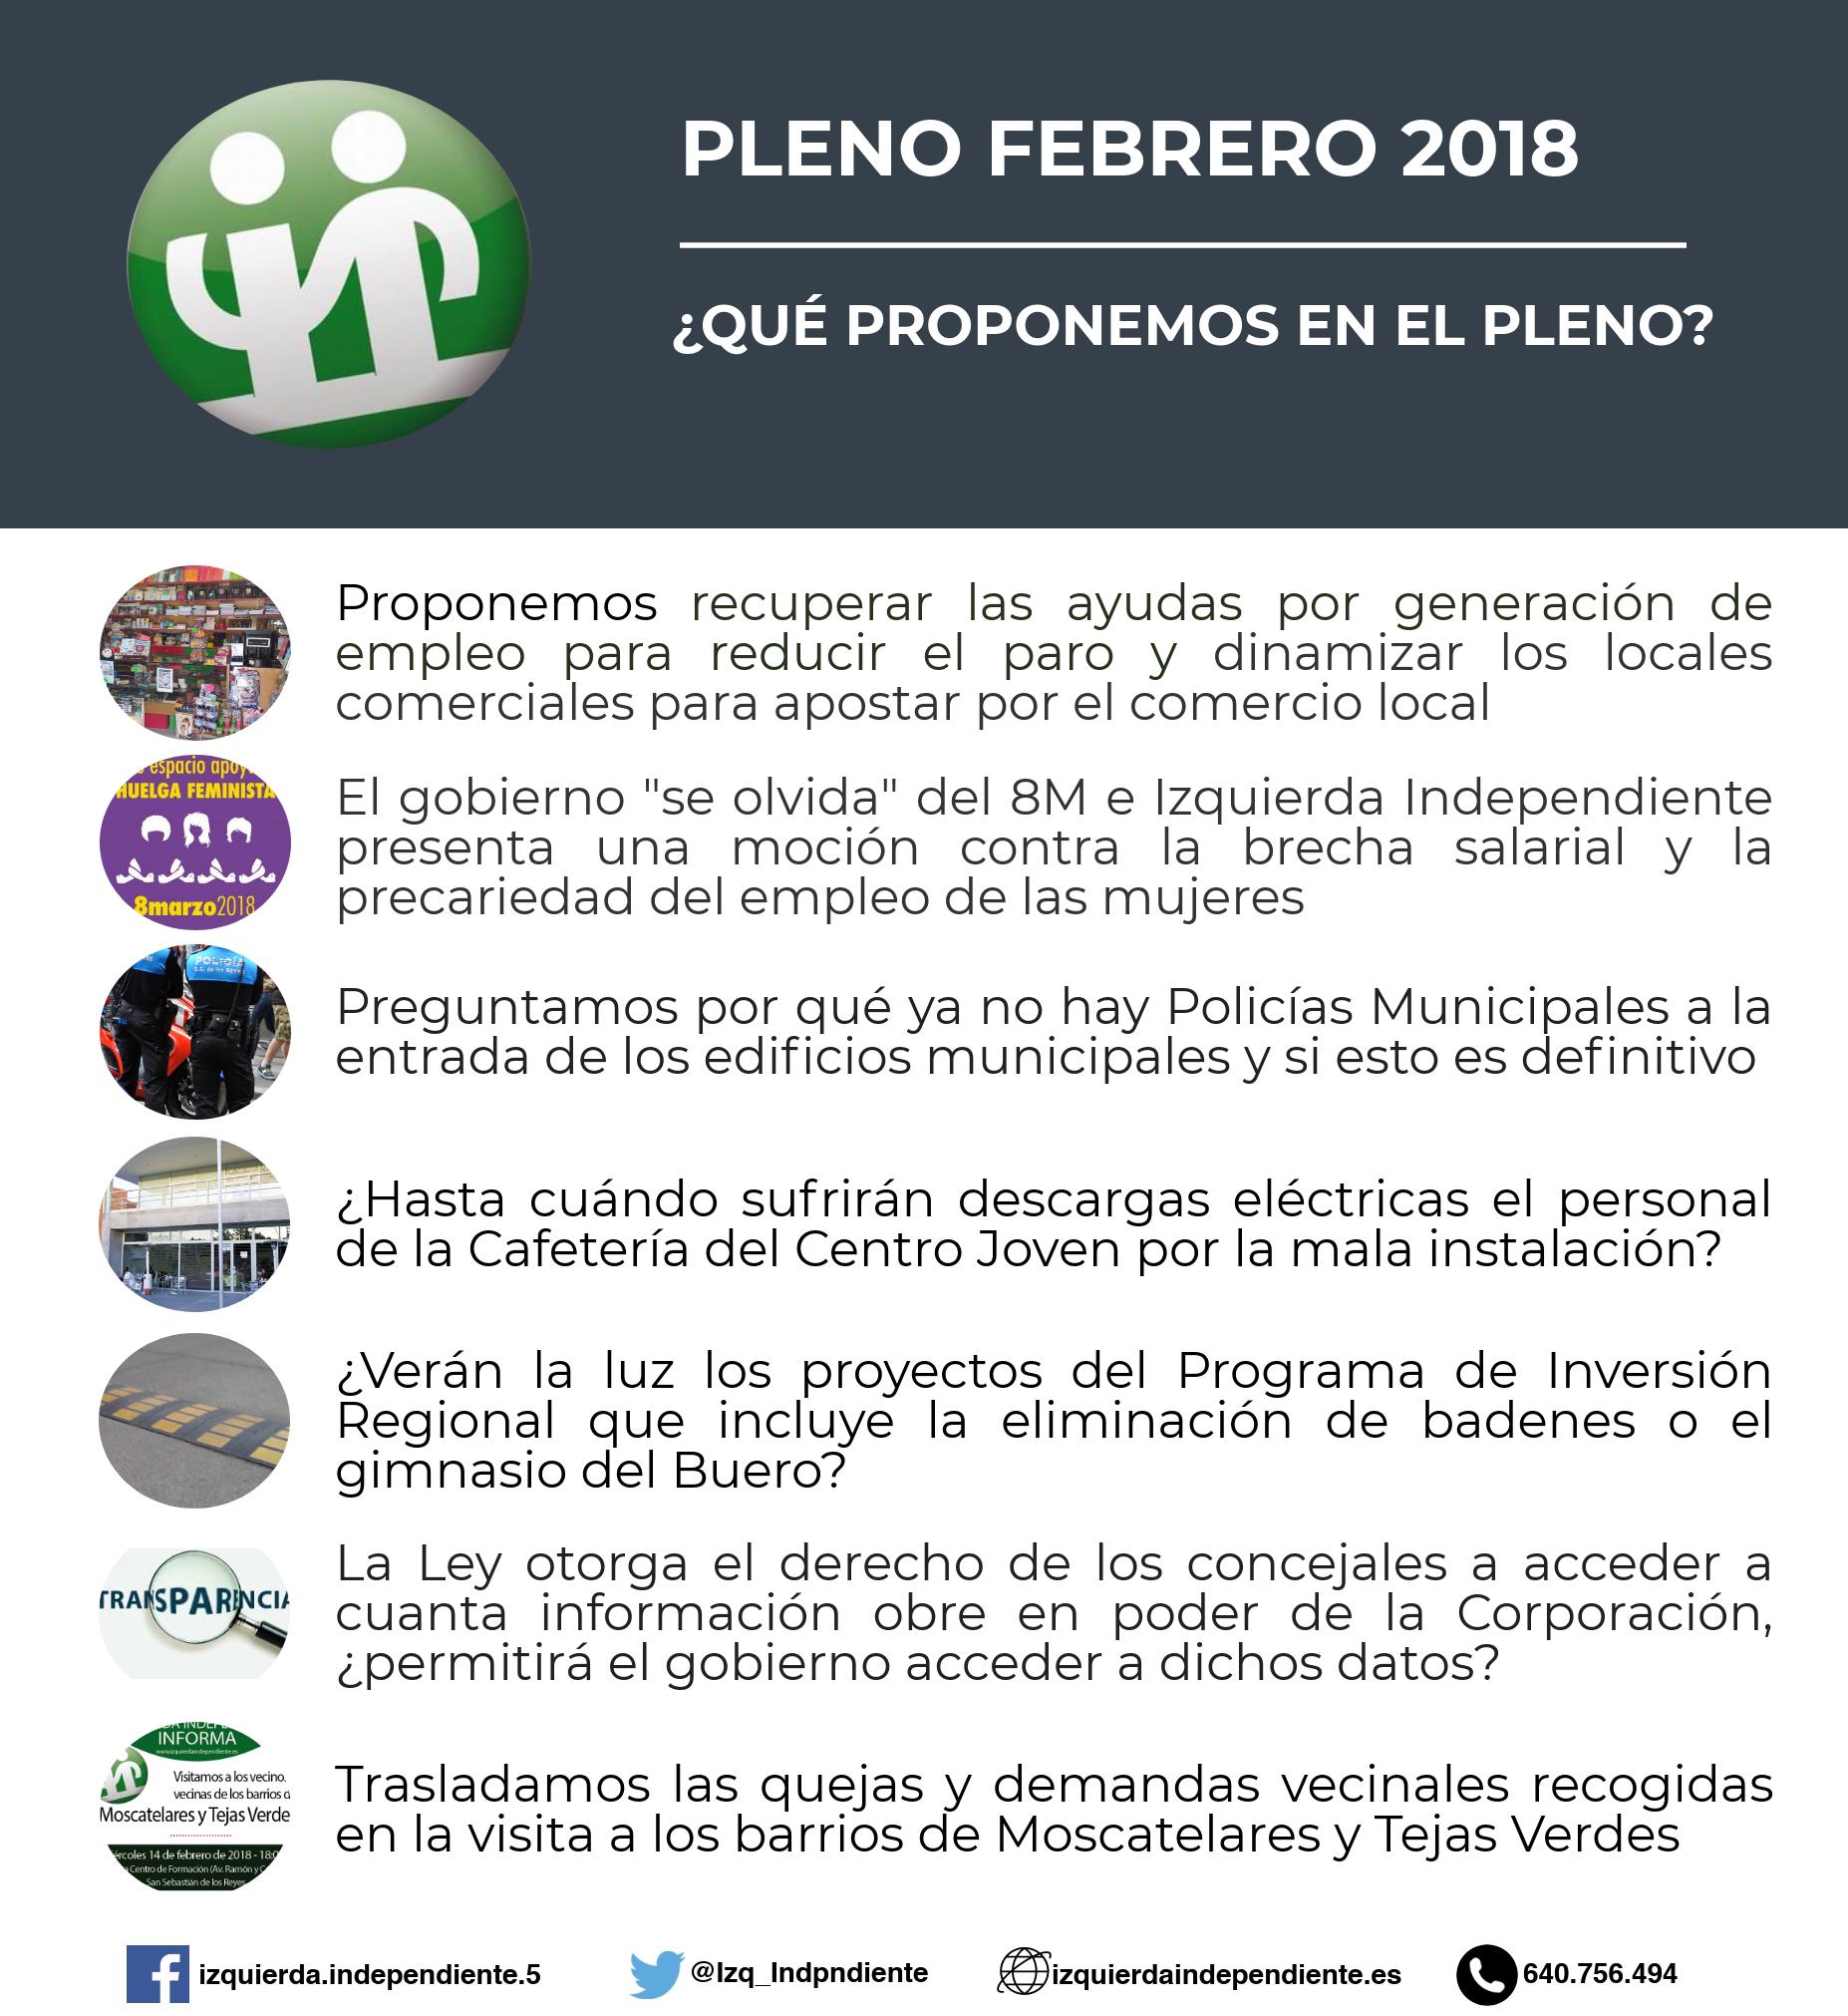 2018_02_14_PrevioPlenoFebrero